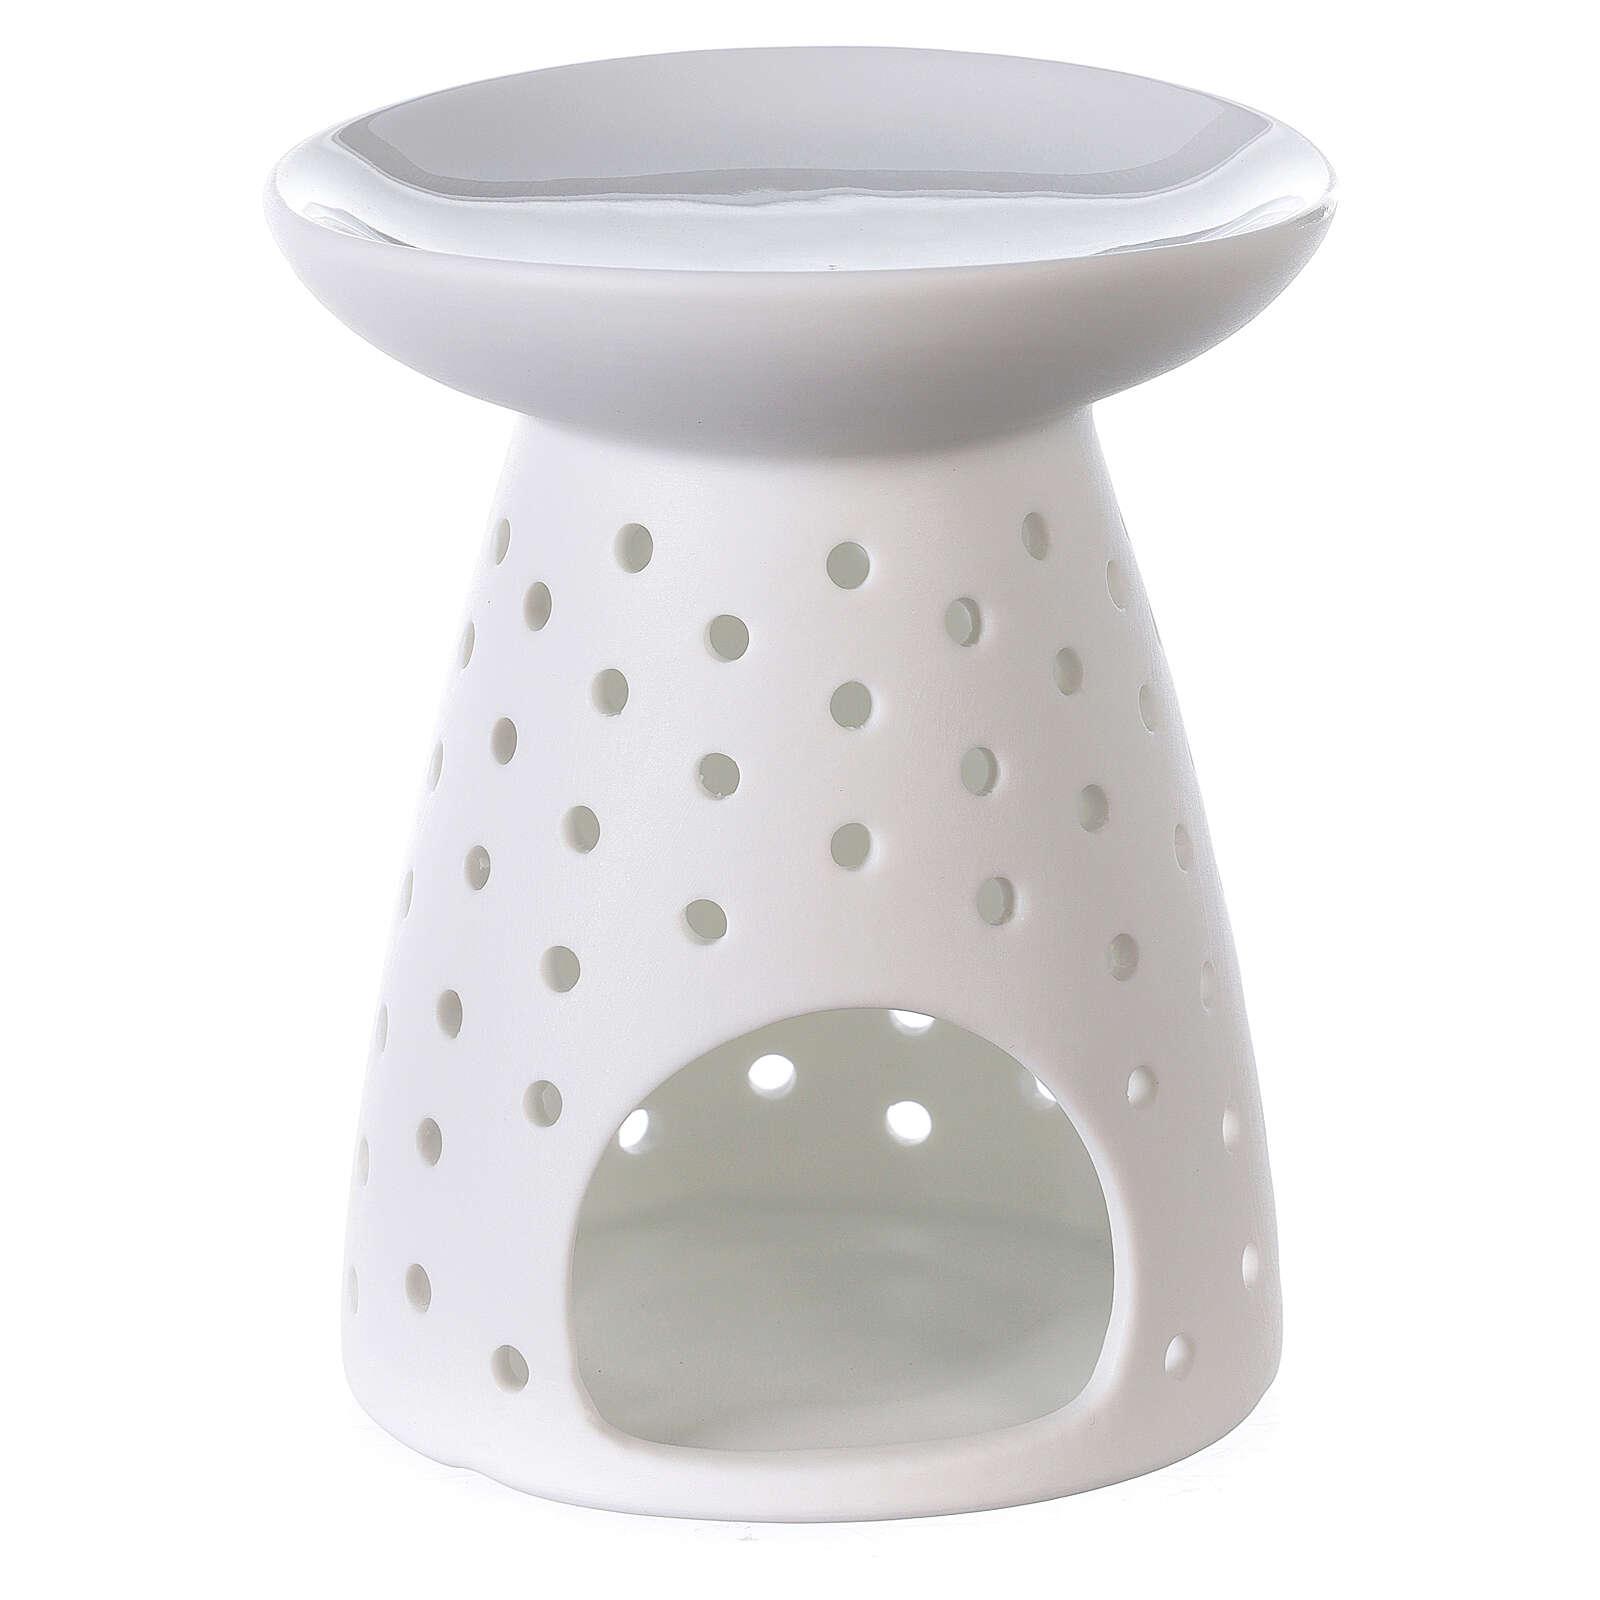 Difusor blanco de porcelana flores 10x12 cm 3